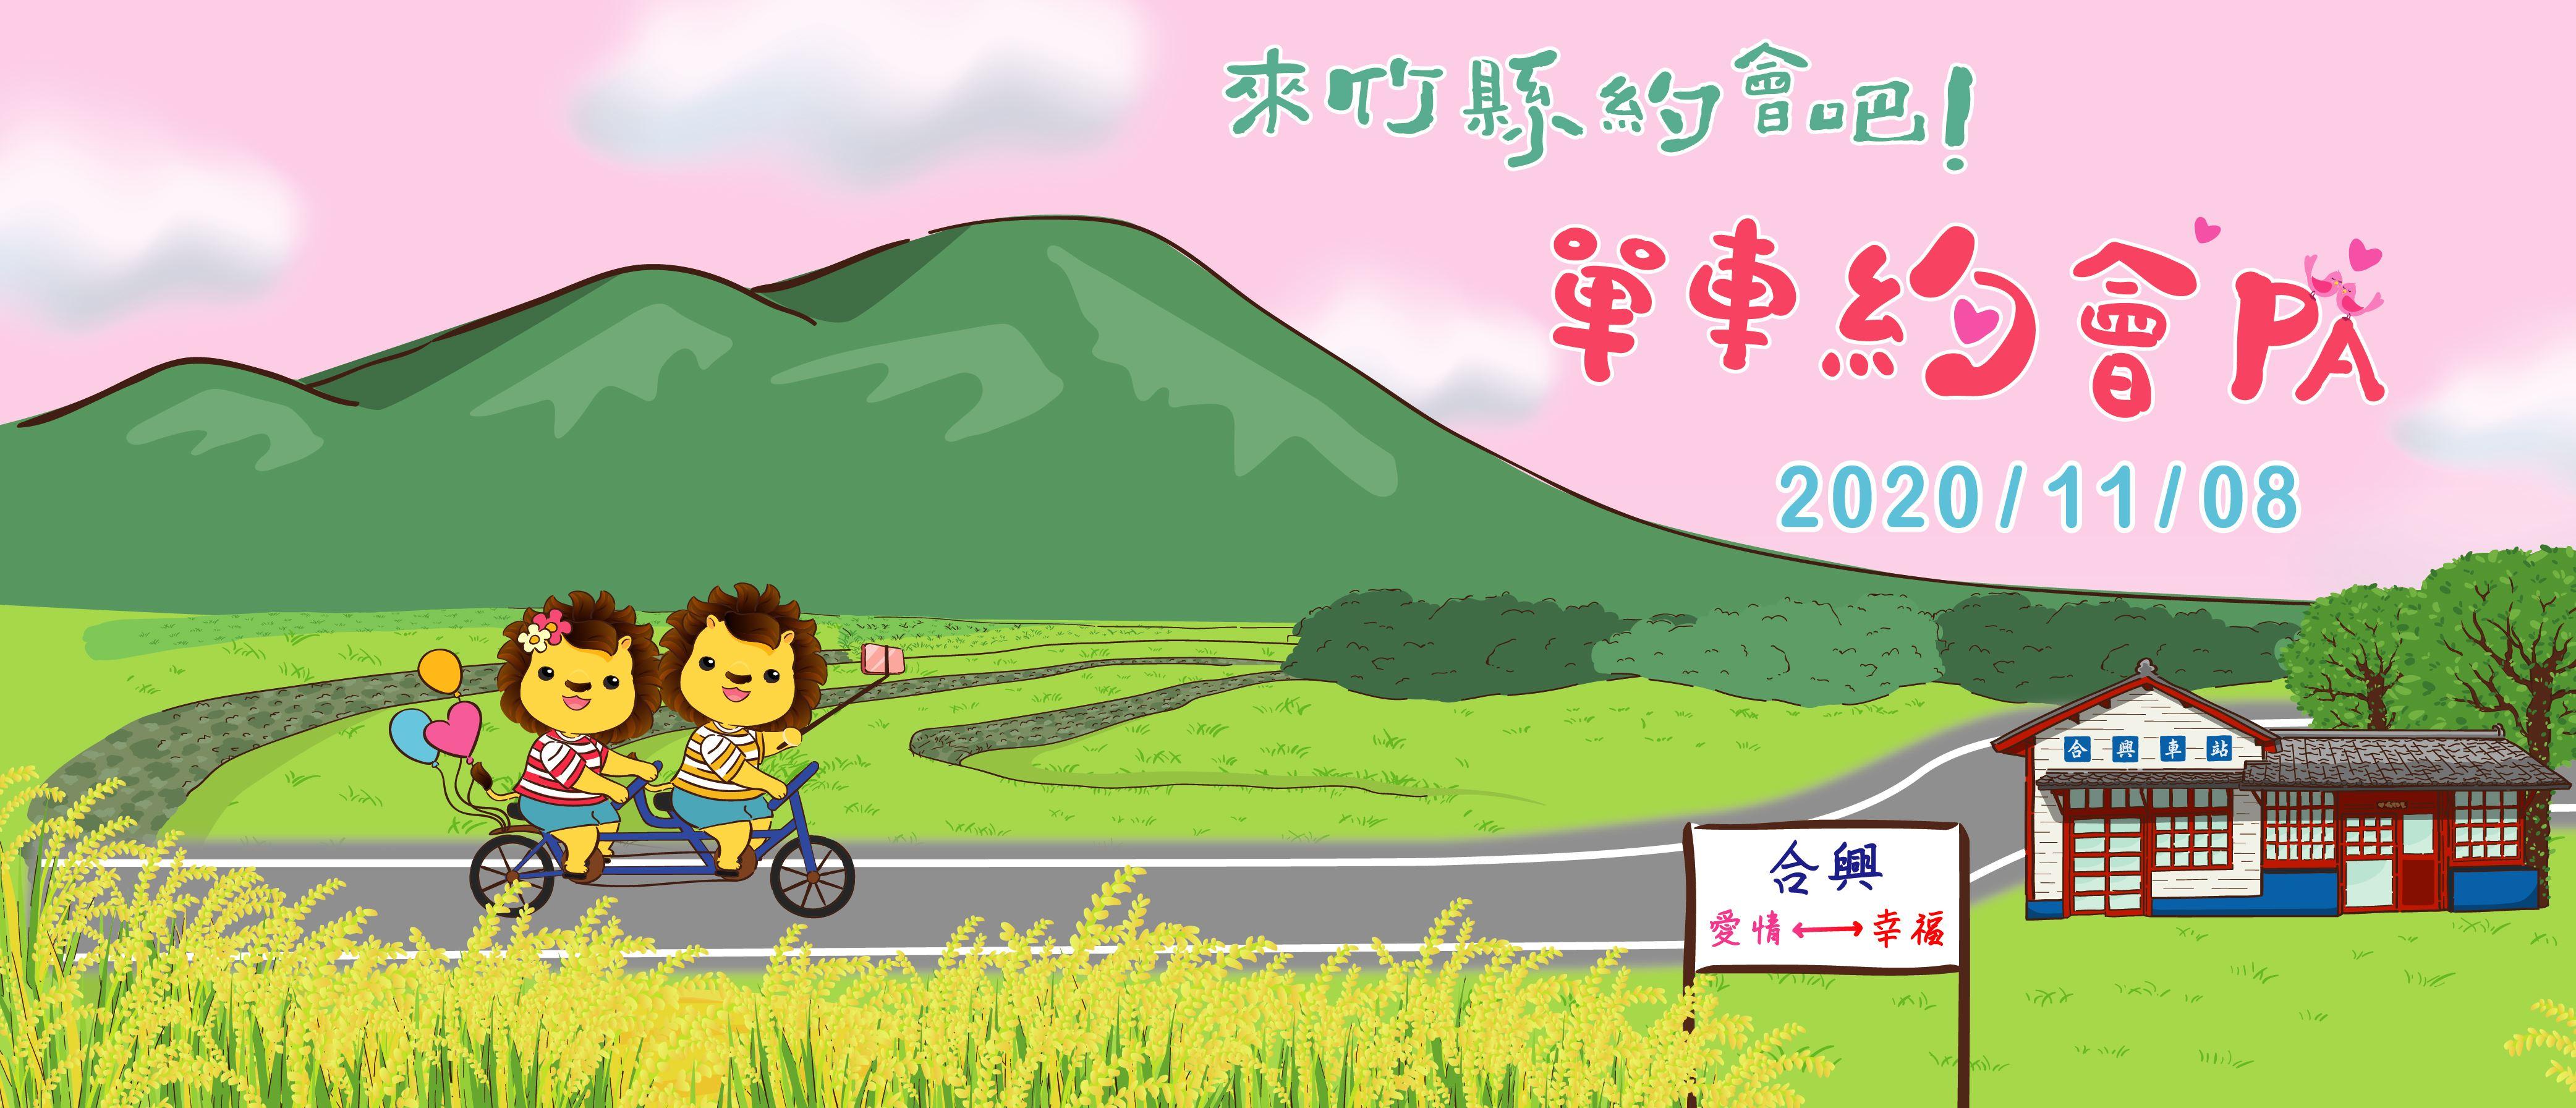 單車約會pa